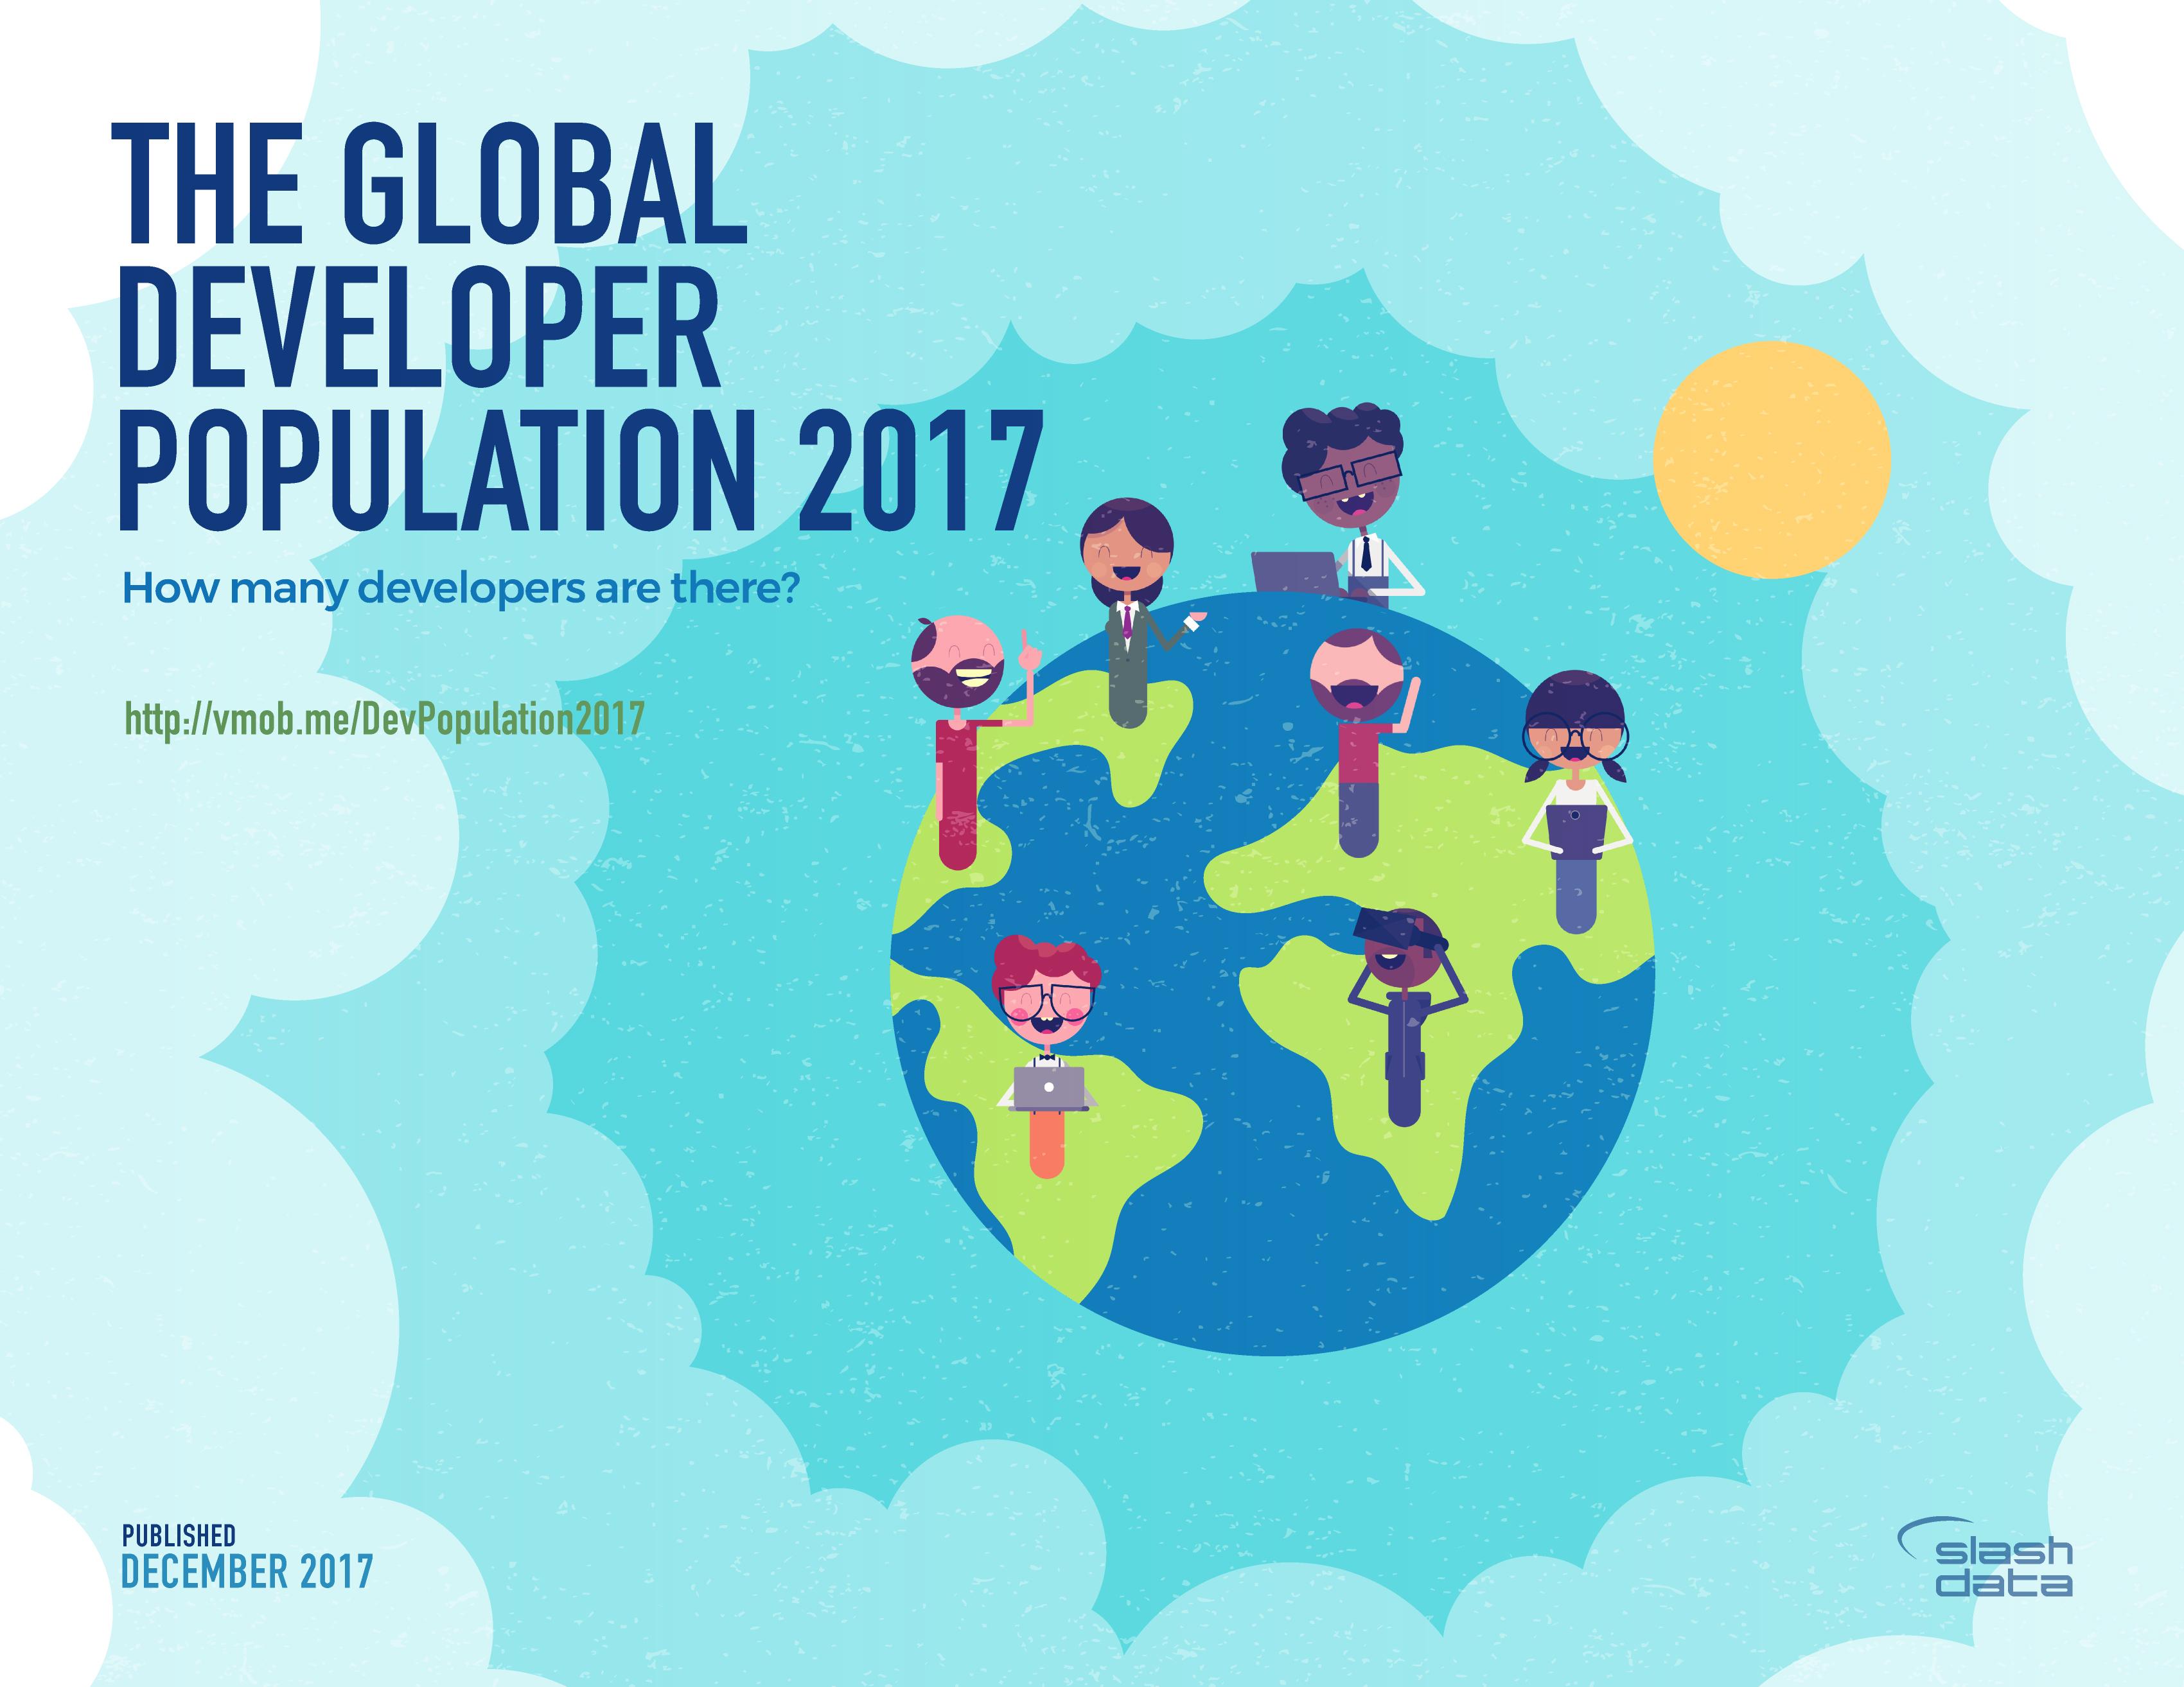 The Global Developer Population 2017